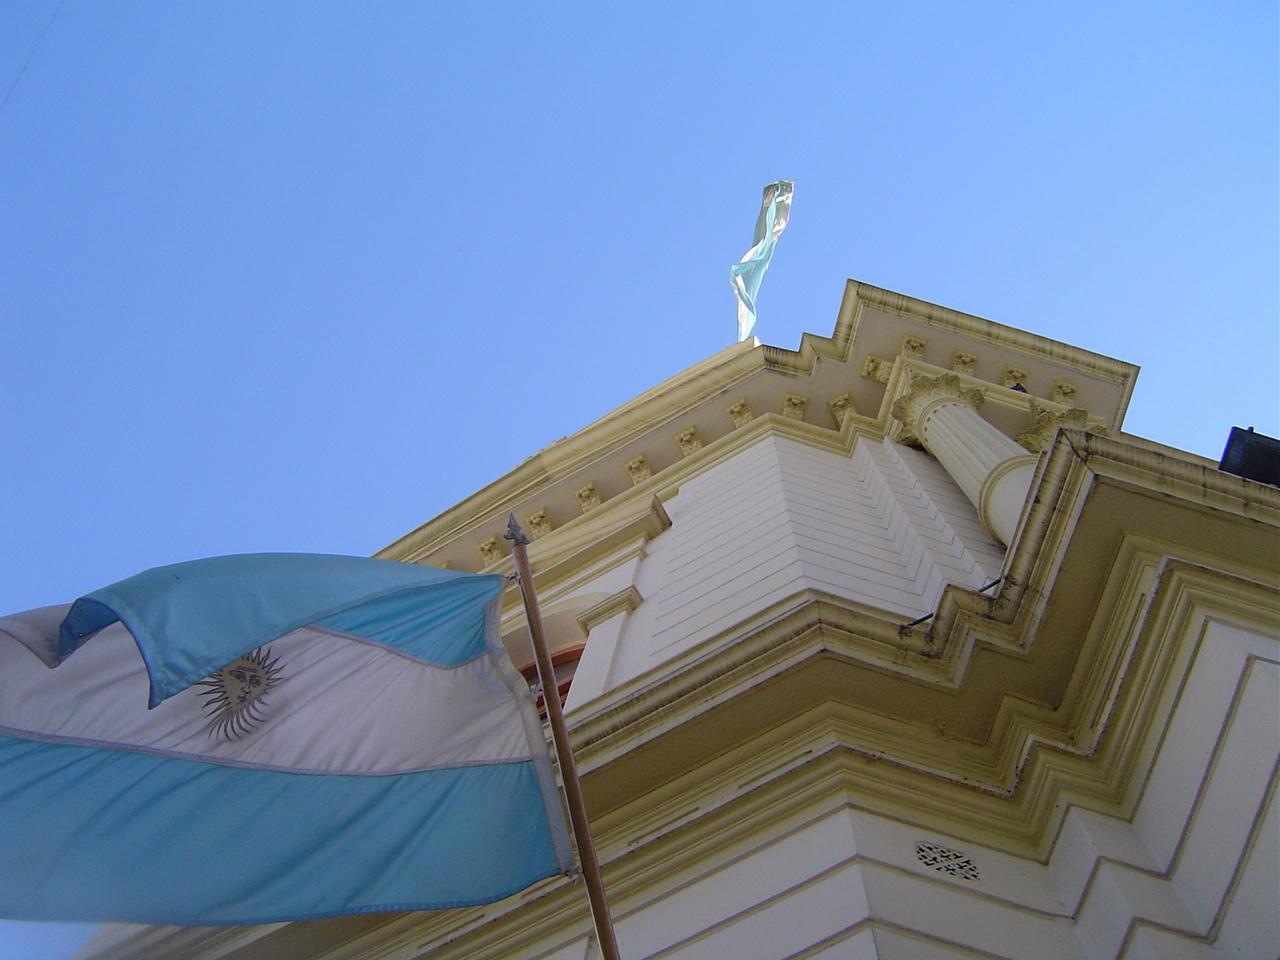 Manuel Belgrano, la bandera del Ejército de los Andes. | Ketzalli